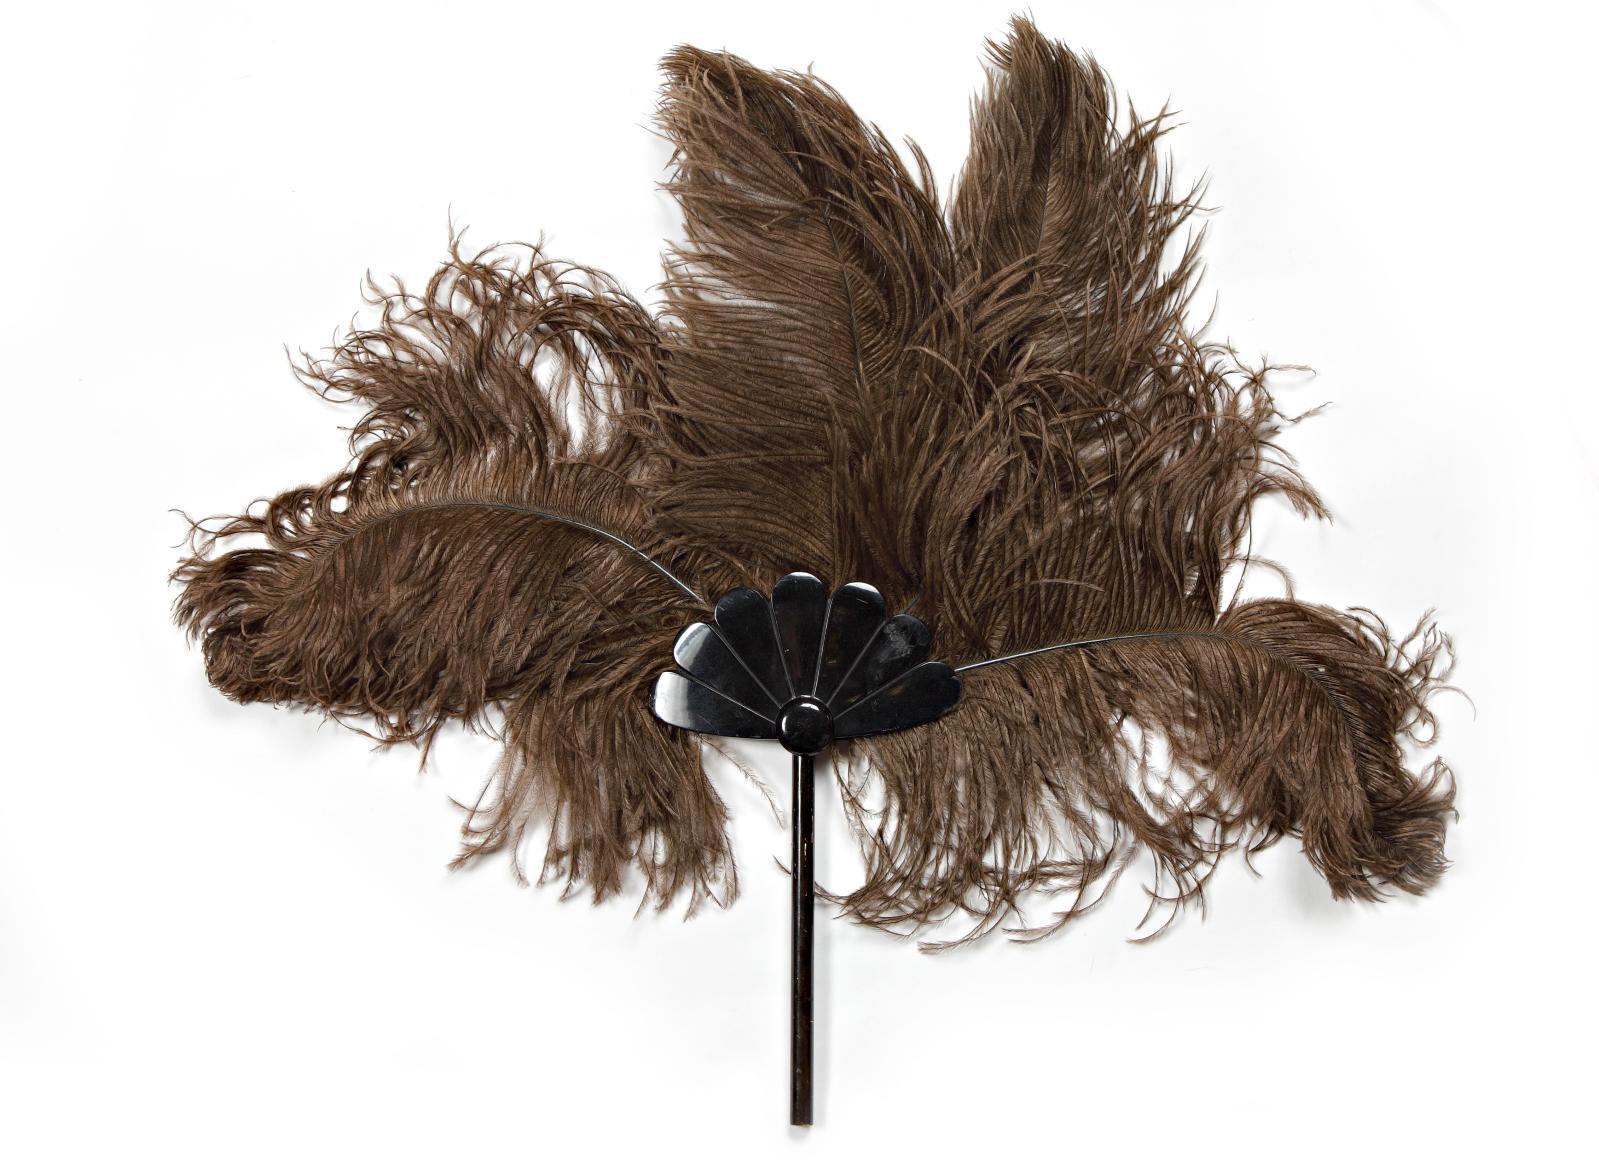 Toutankhamon-manie, vers 1930, écran de plumes d'utruche teintées marron, montées sur un manche et un évasement en matière synthétique inspiré des éve